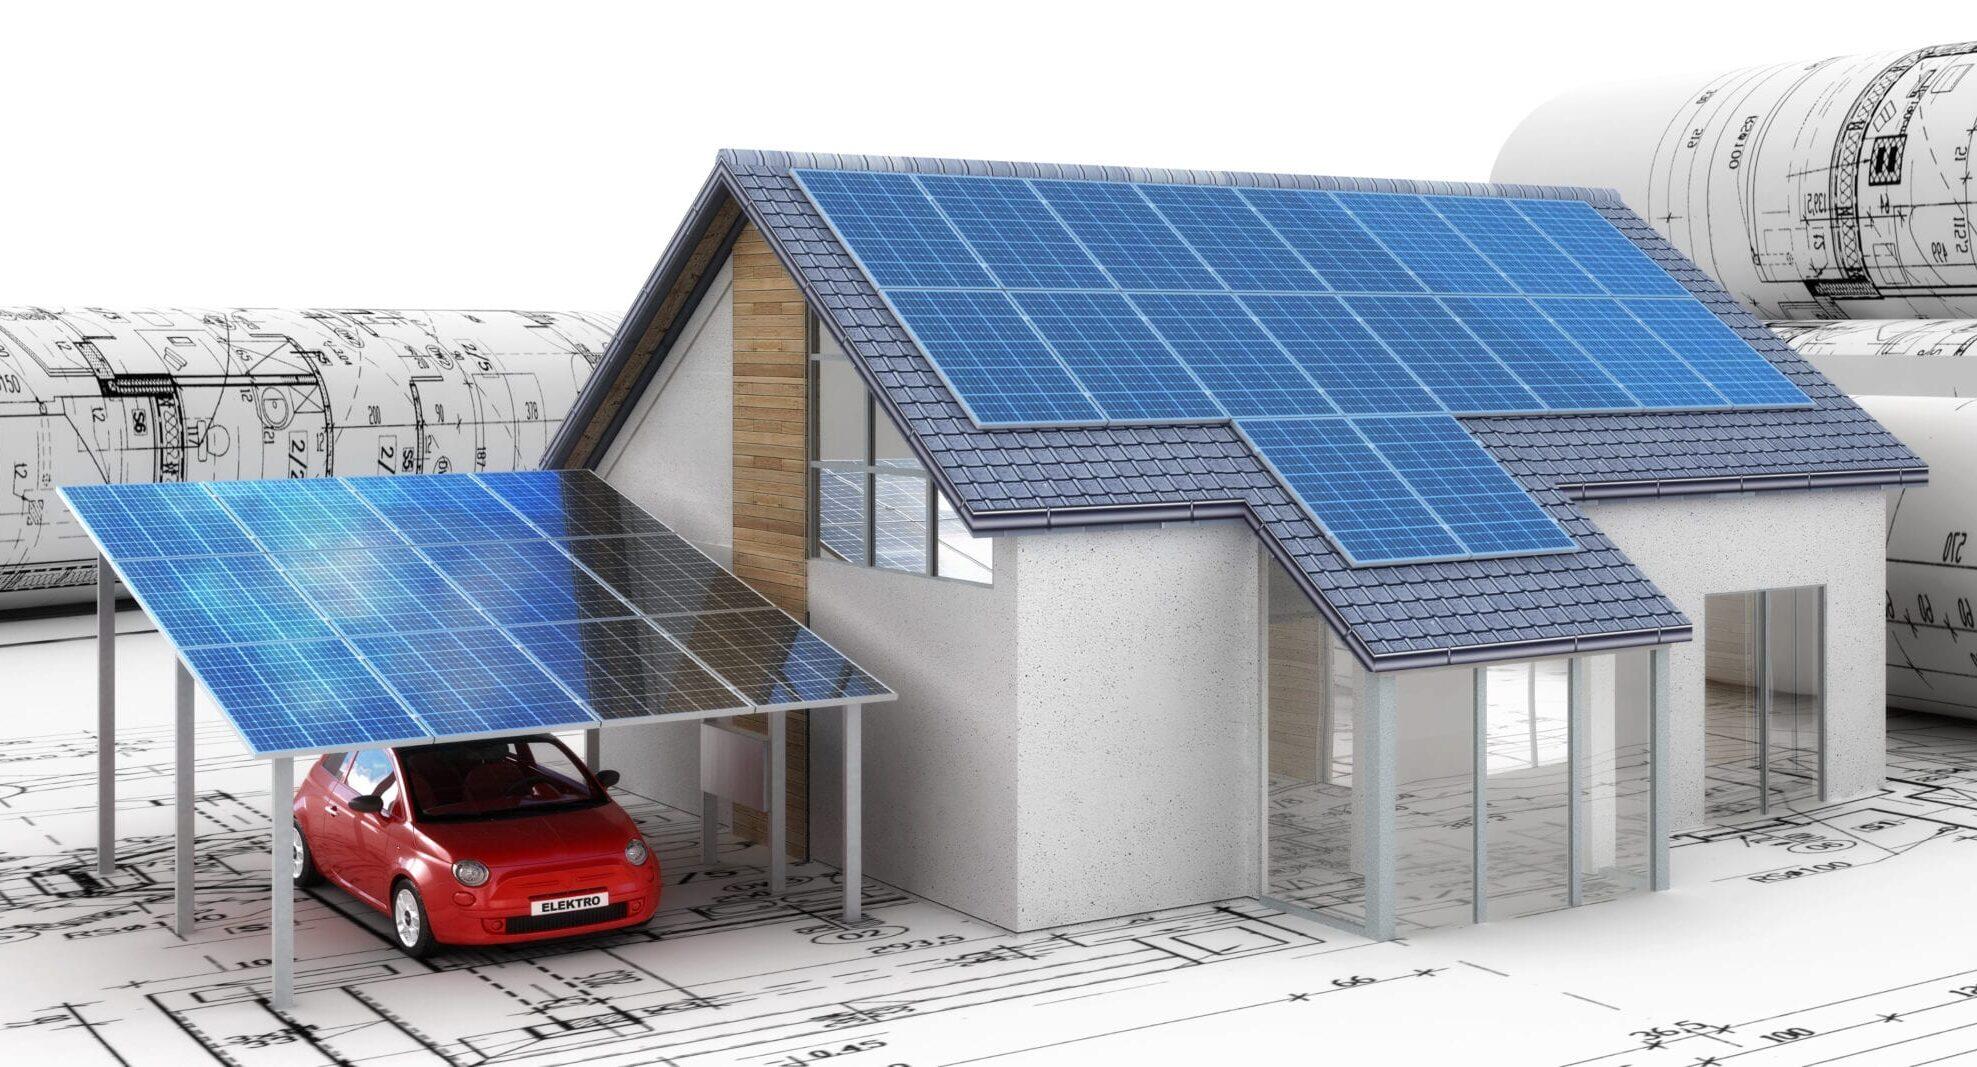 Applicazione di un impianto fotovoltaico al tetto casa e pergola per macchina